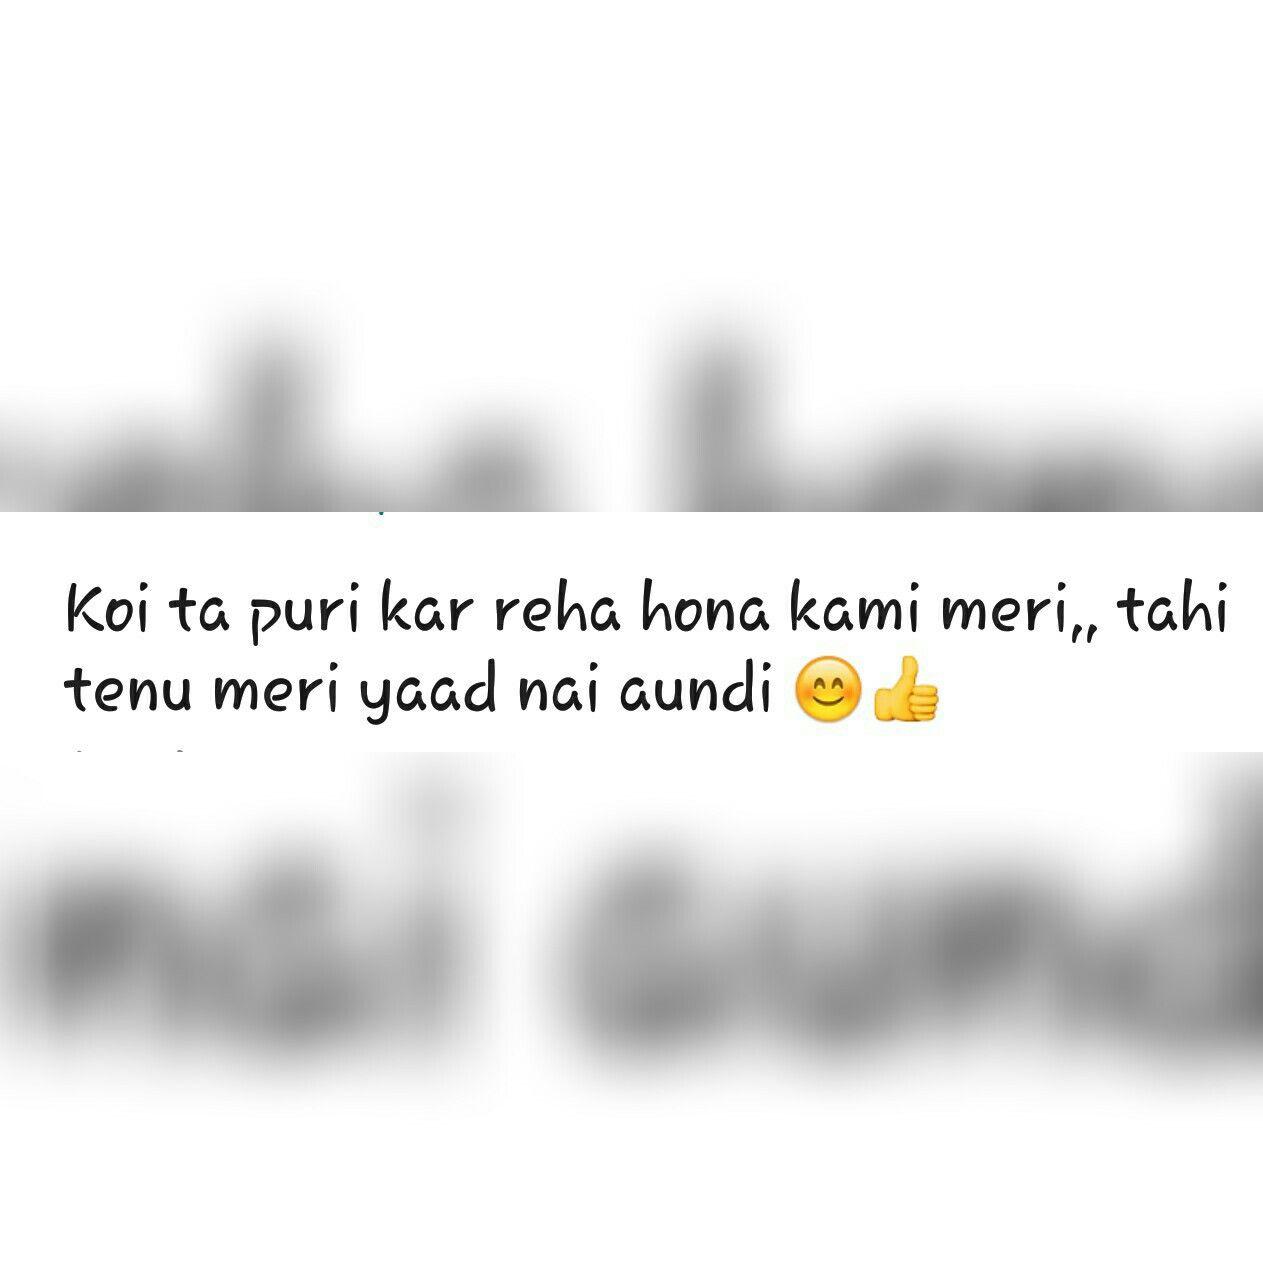 Punjabi quotes, love | sad quotes | Punjabi love quotes, Punjabi